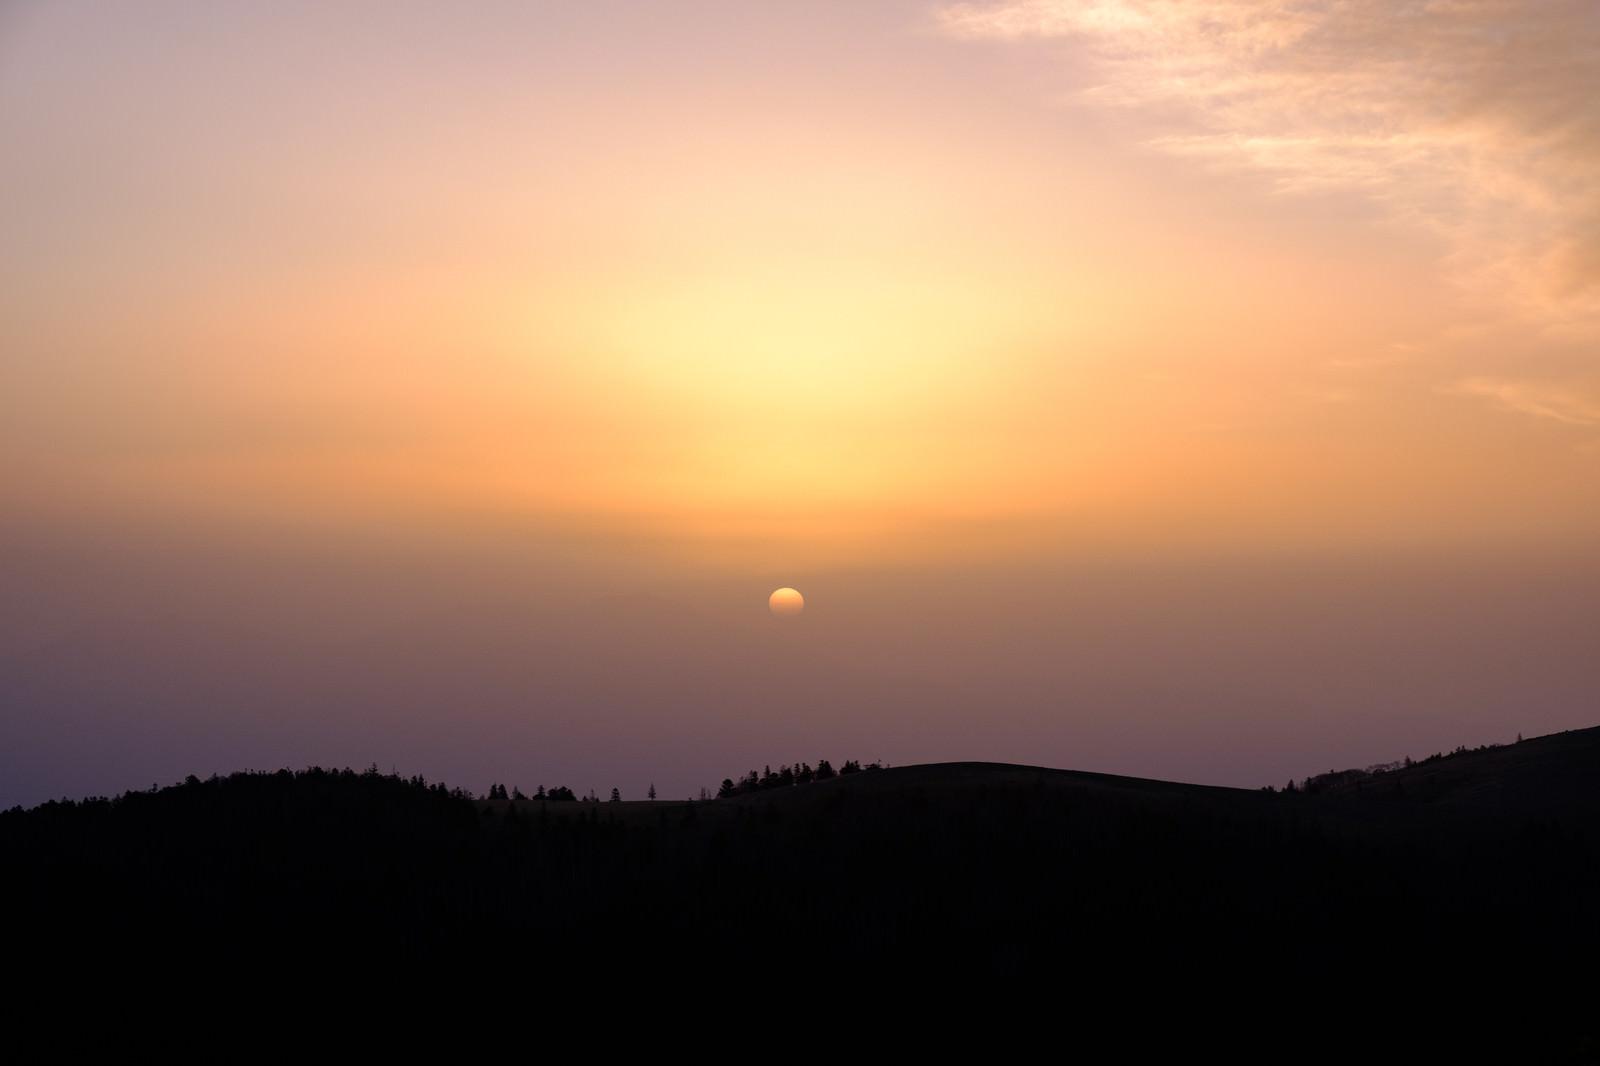 「美ヶ原高原の夕焼けシルエット」の写真